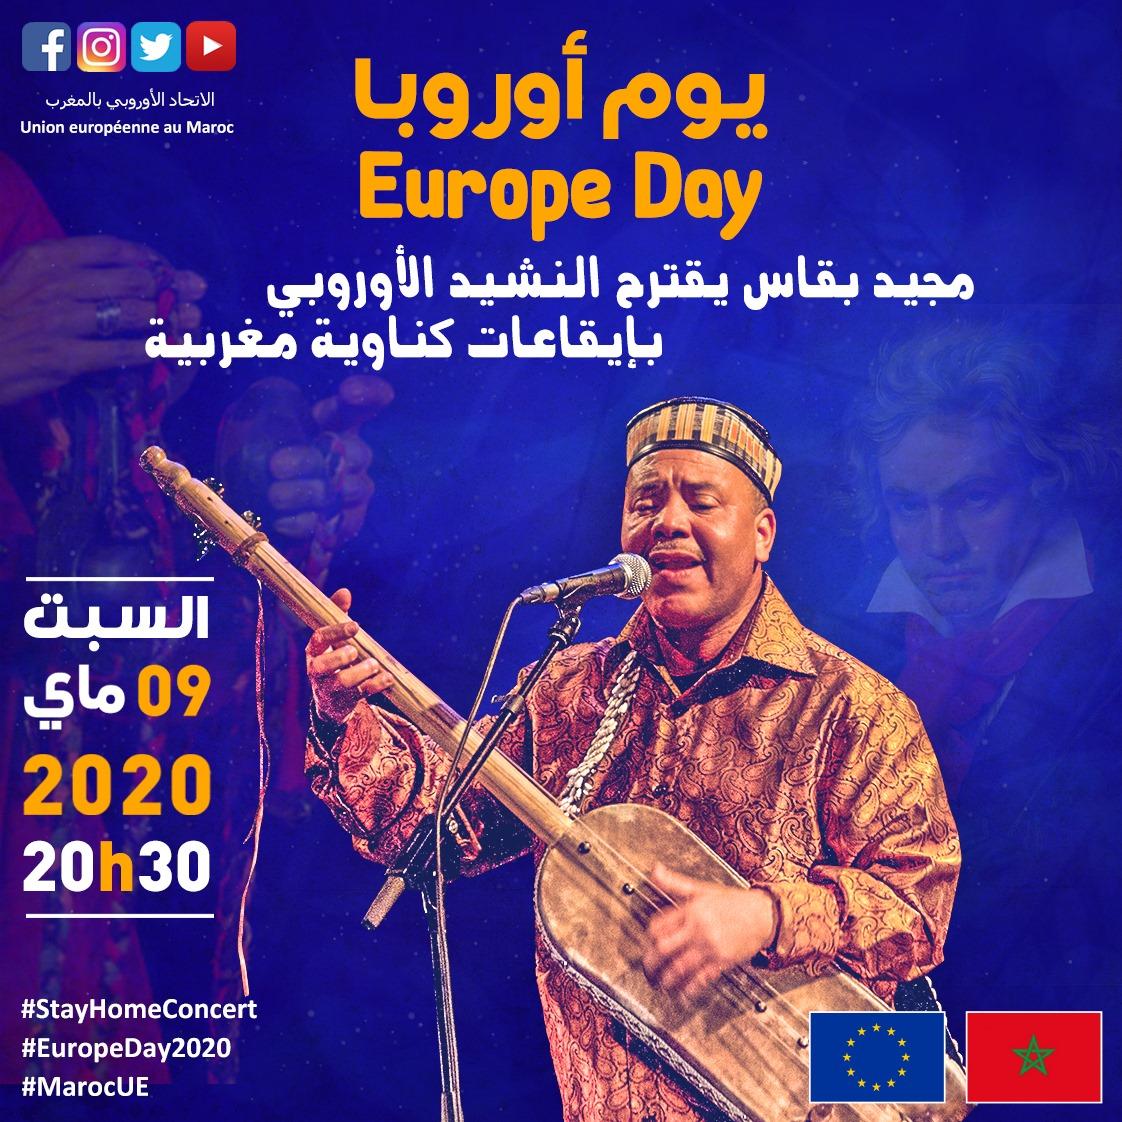 Célébration de la journée de l'Europe 2020